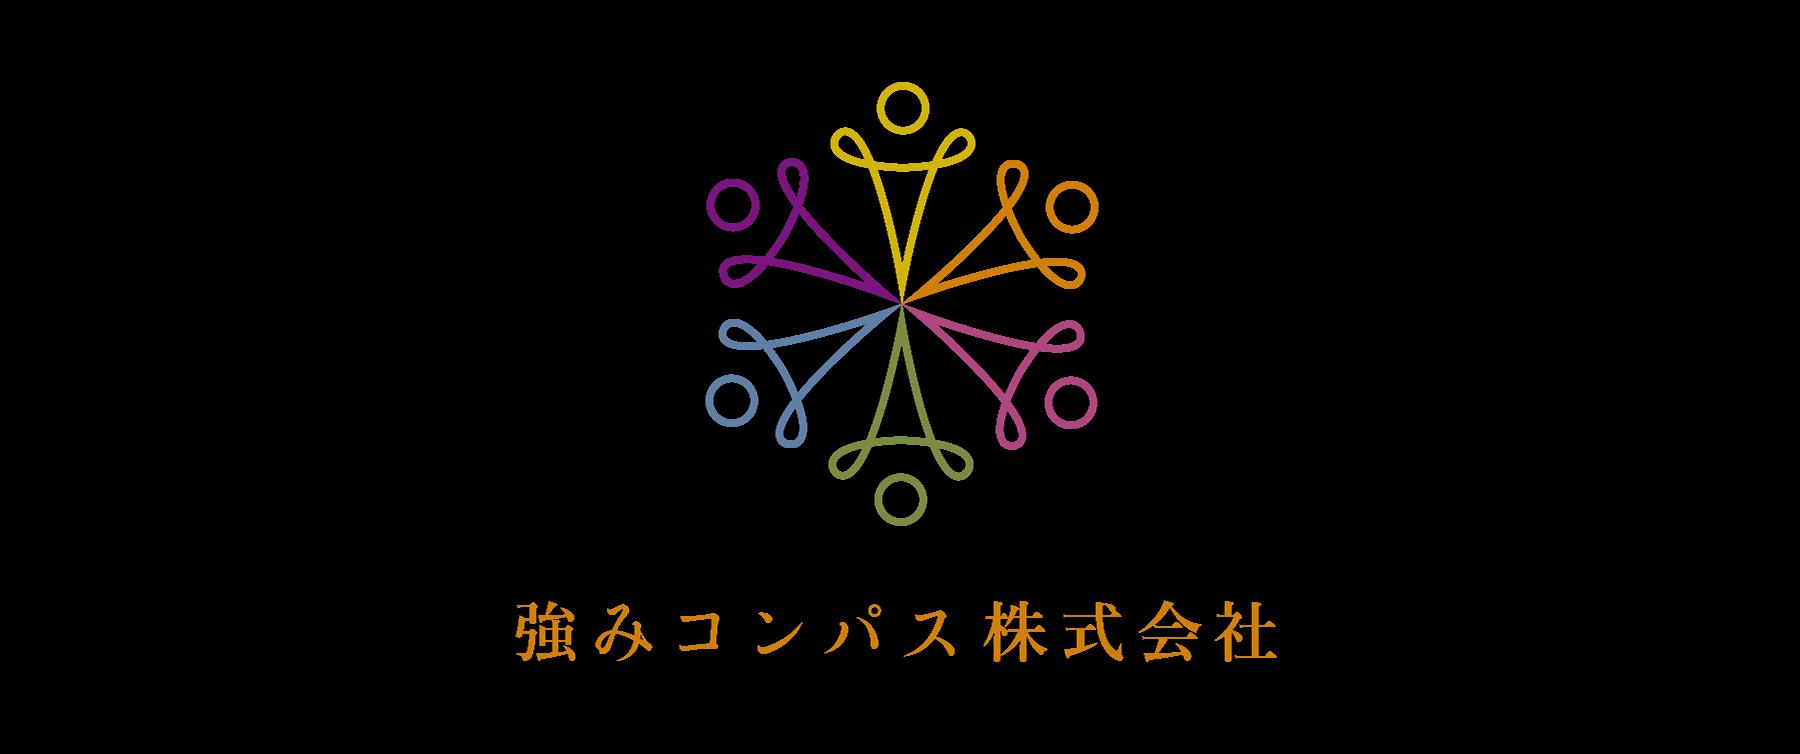 岩田乃江留 様(山梨)